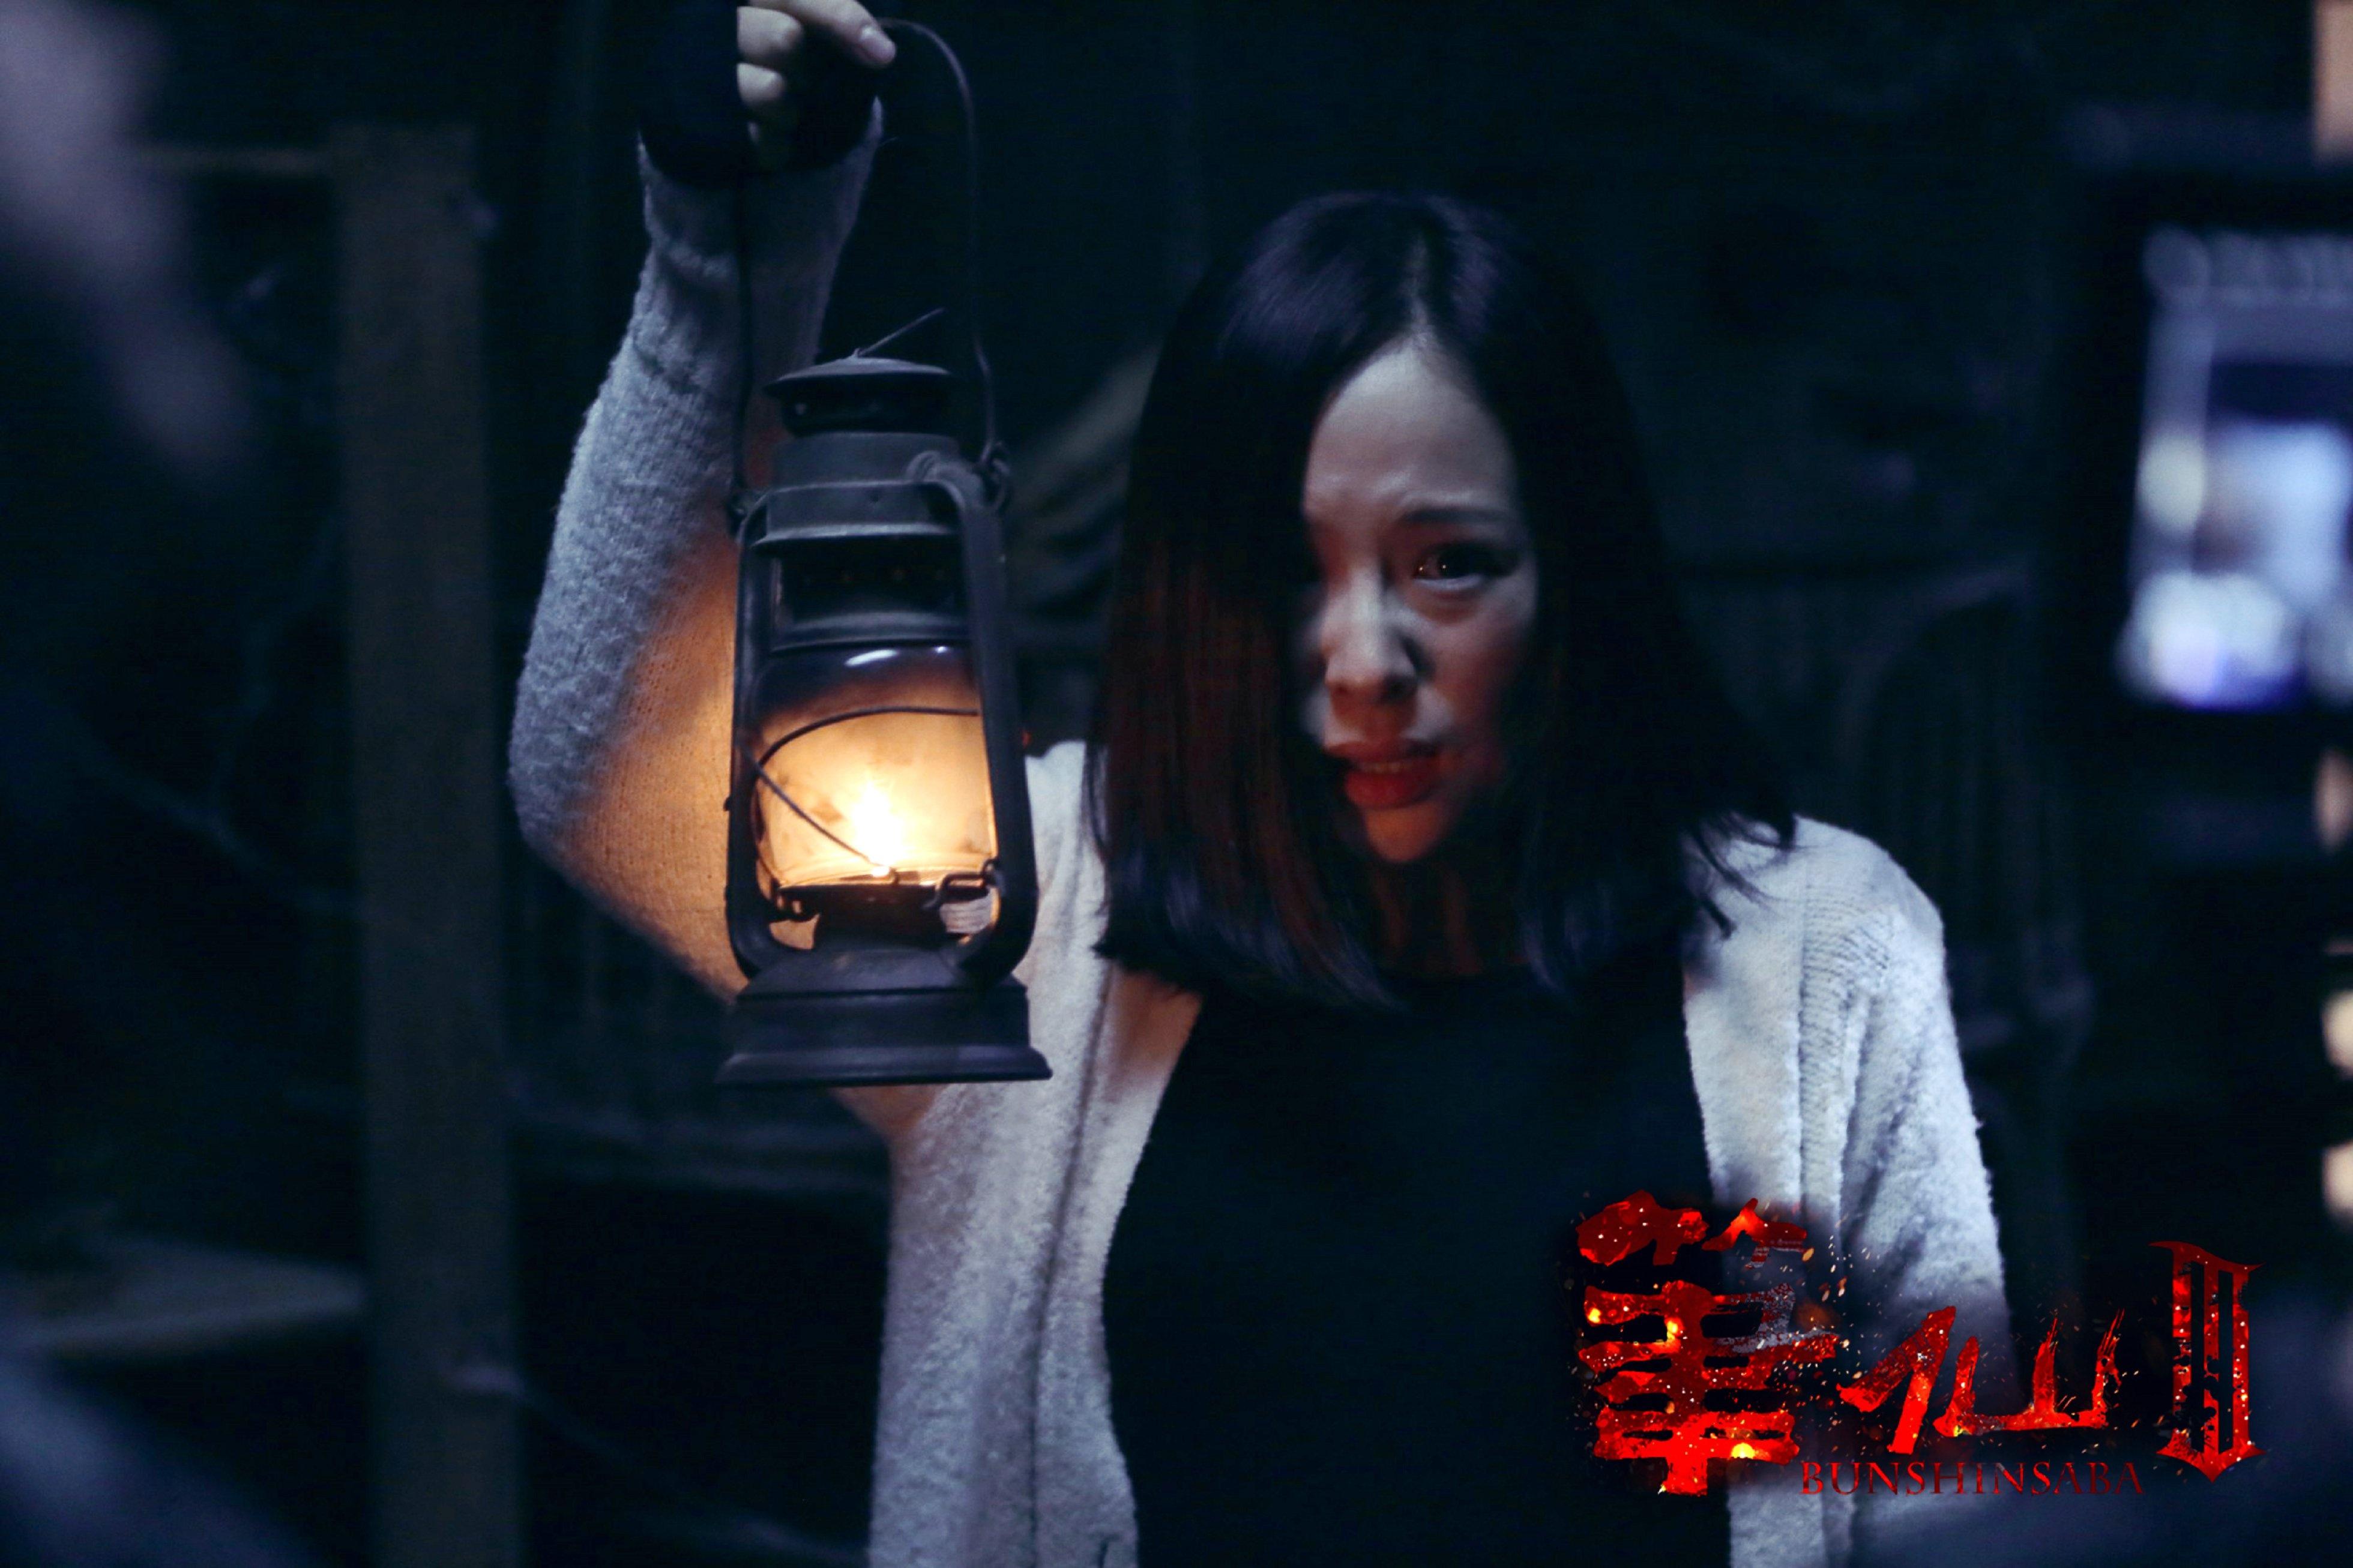 笔仙iii_电影剧照_图集_电影网_1905.com